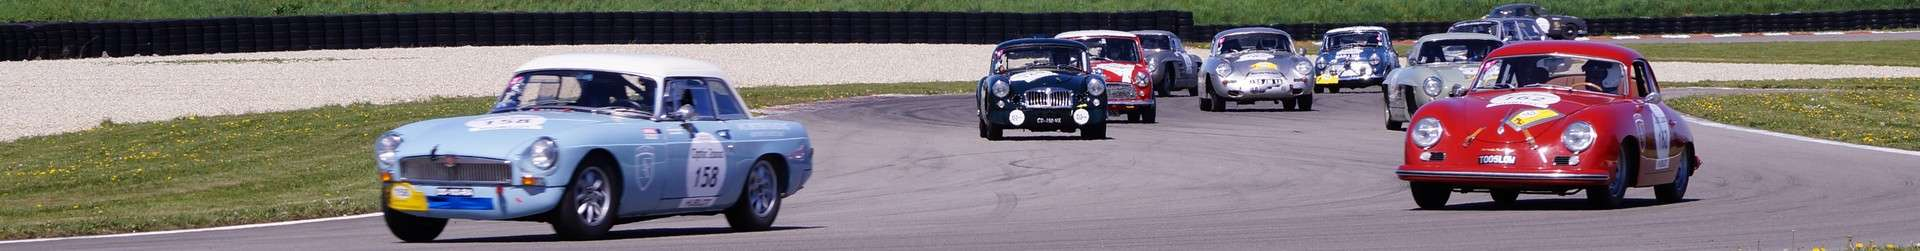 banniere-circuit-de-bresse-rallye-otpbb-60